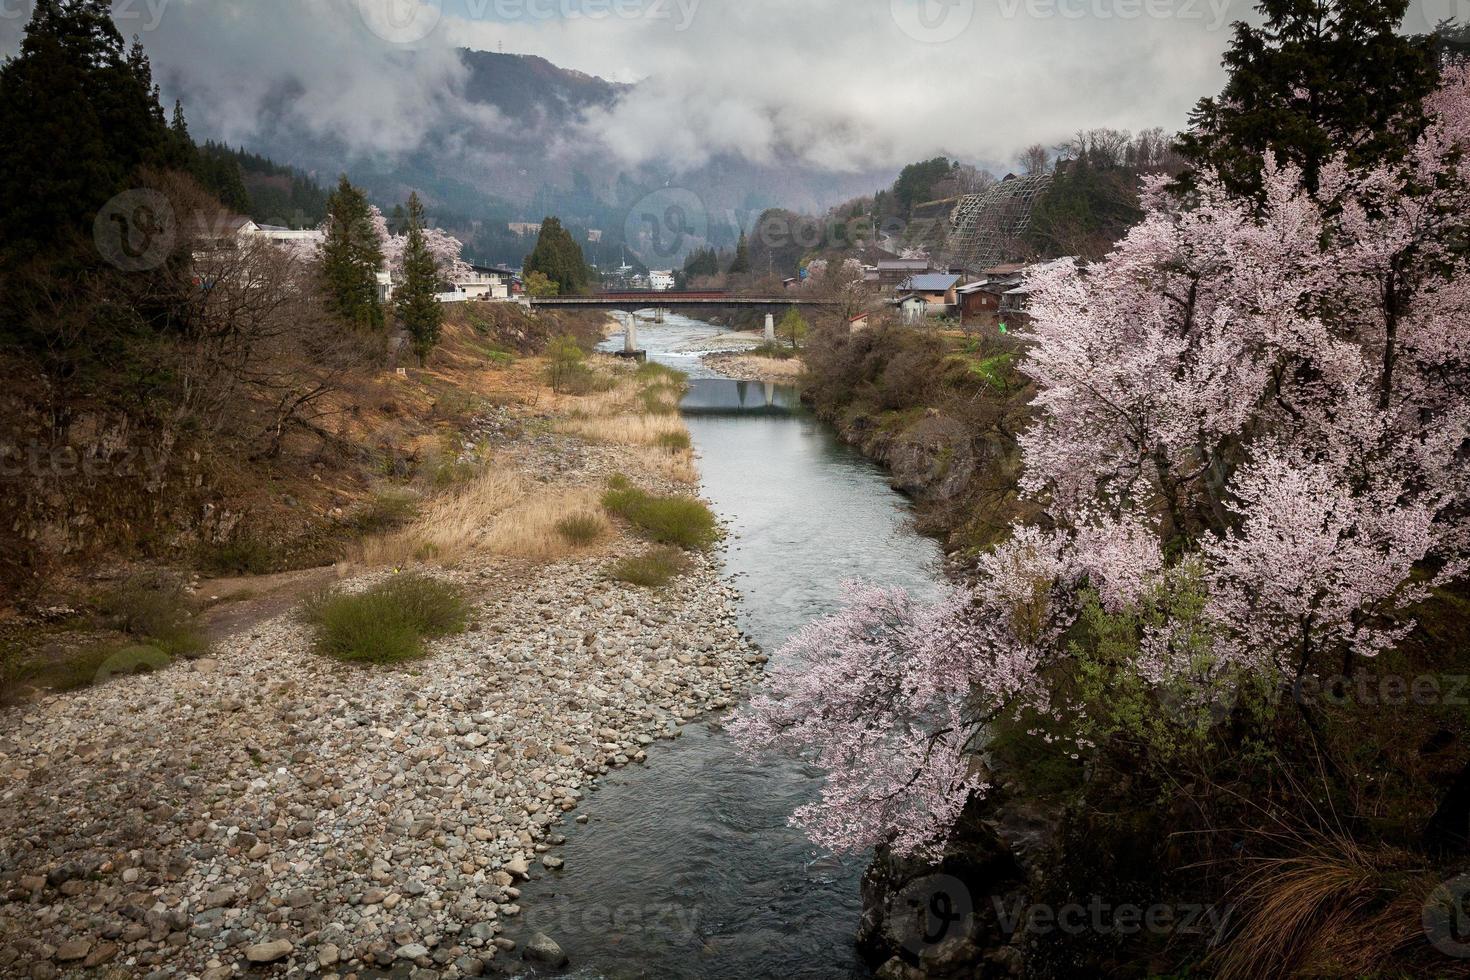 der Fluss und Sakura foto